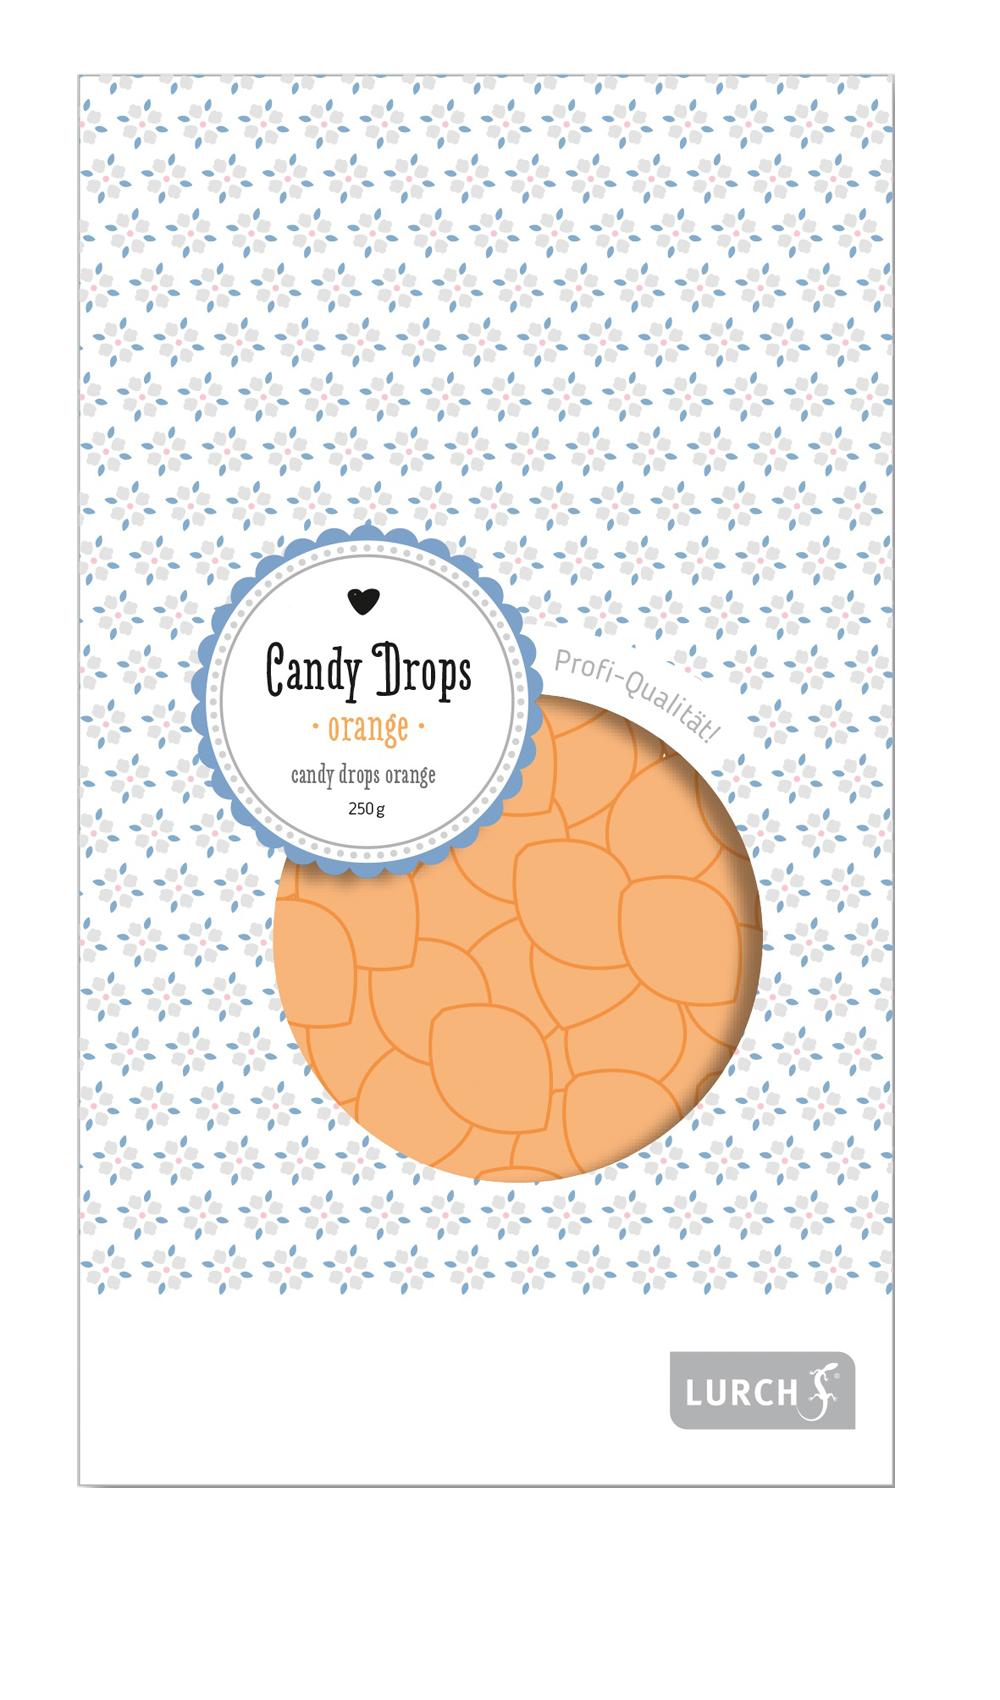 Candy Drops orange 250g Beutel